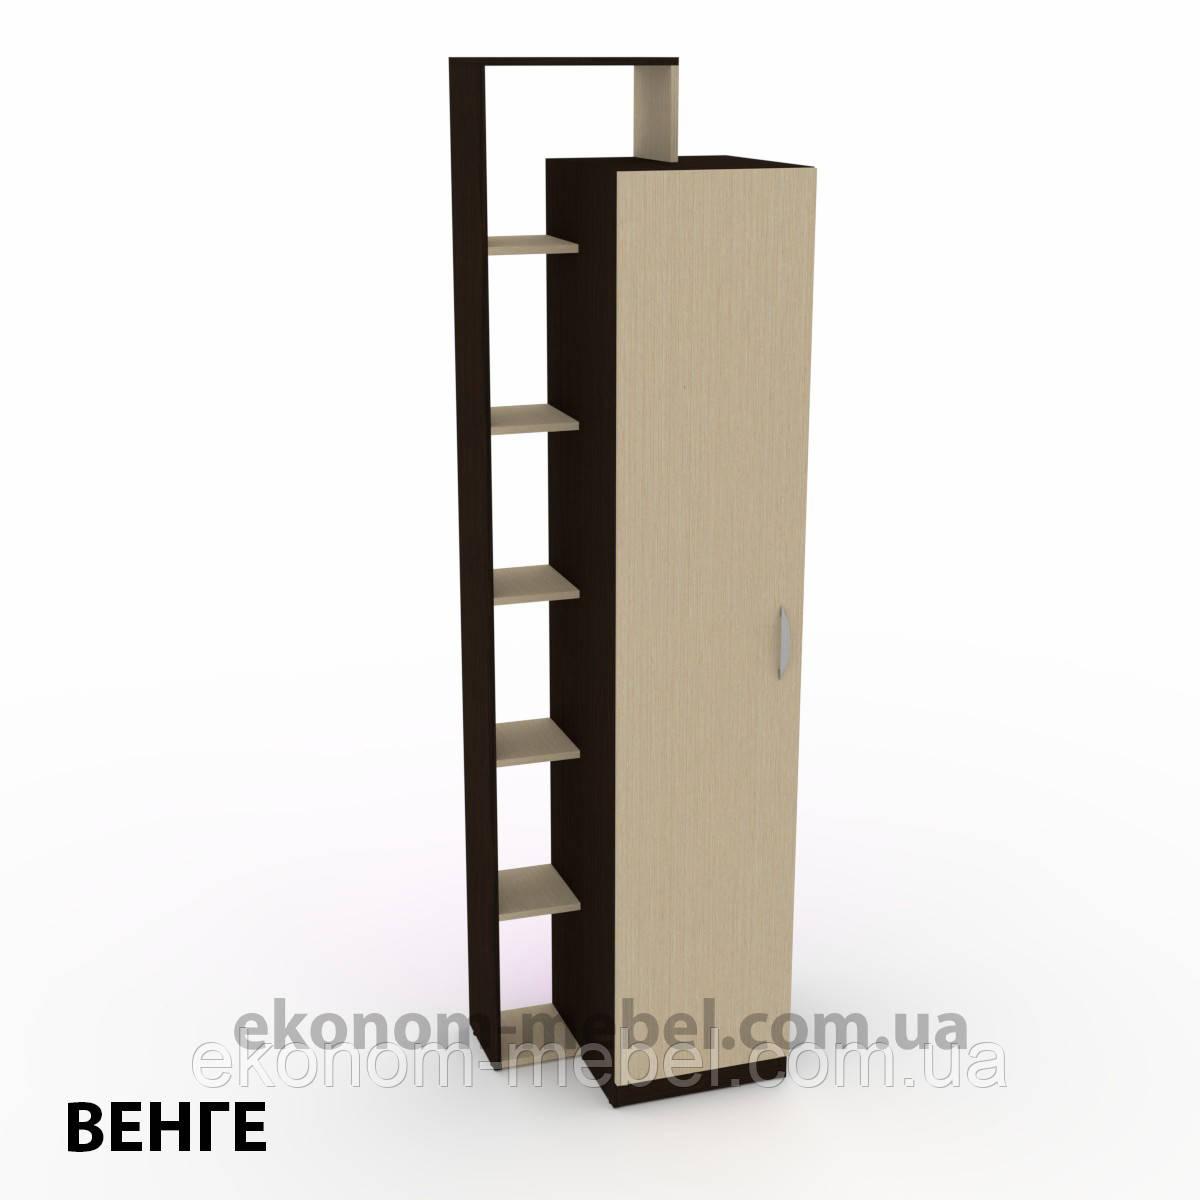 Шкаф-8 для офиса и дома закрытый с открытыми полками